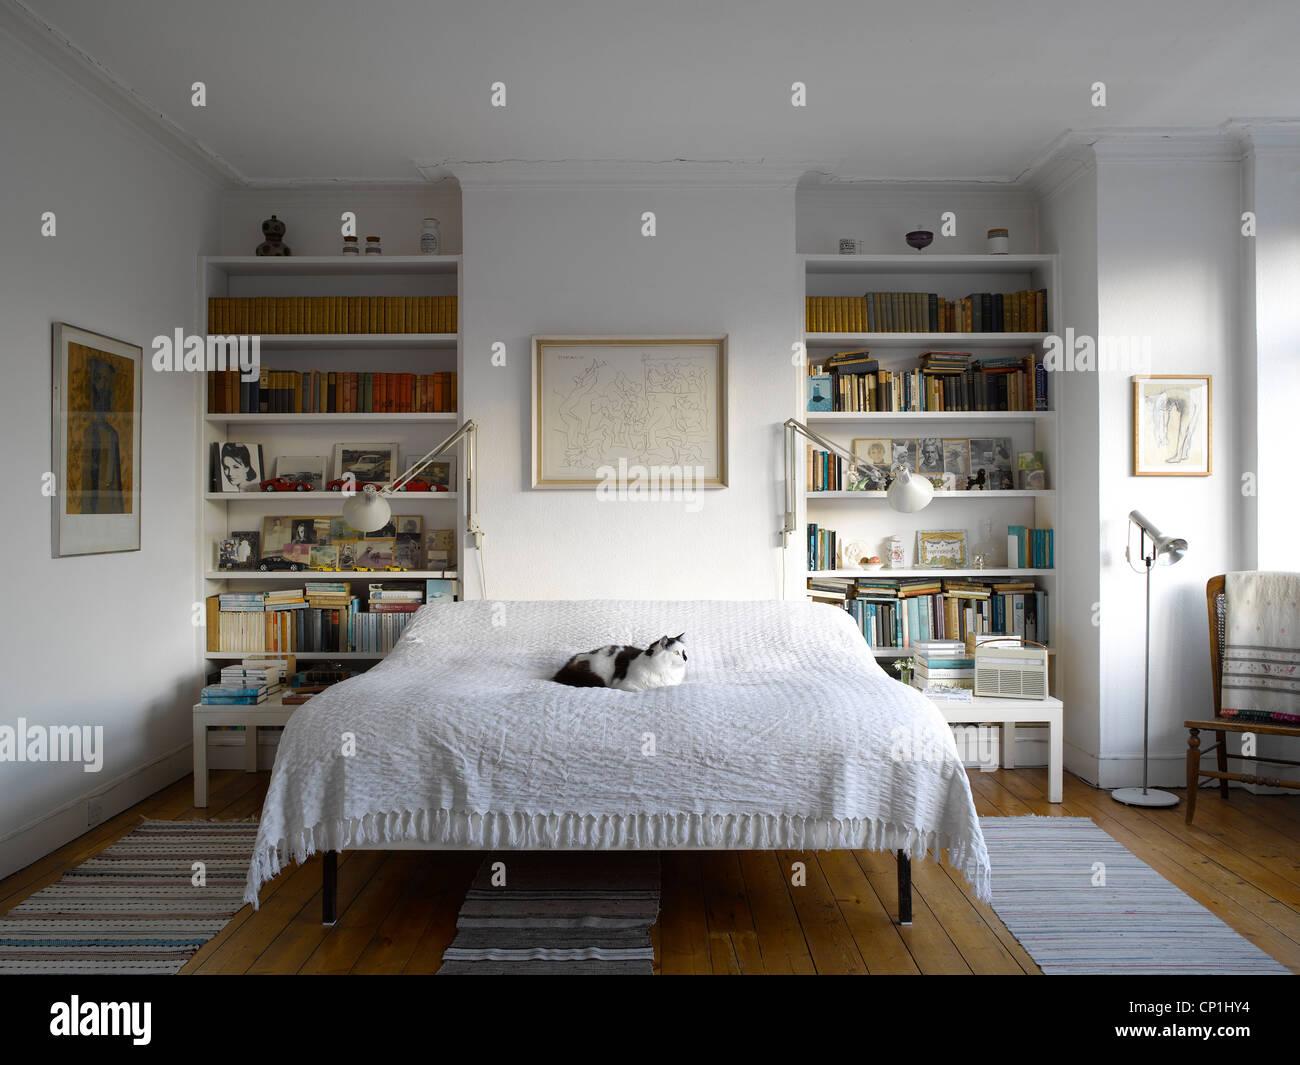 Libreria Design Camera Da Letto camera da letto con le librerie foto & immagine stock